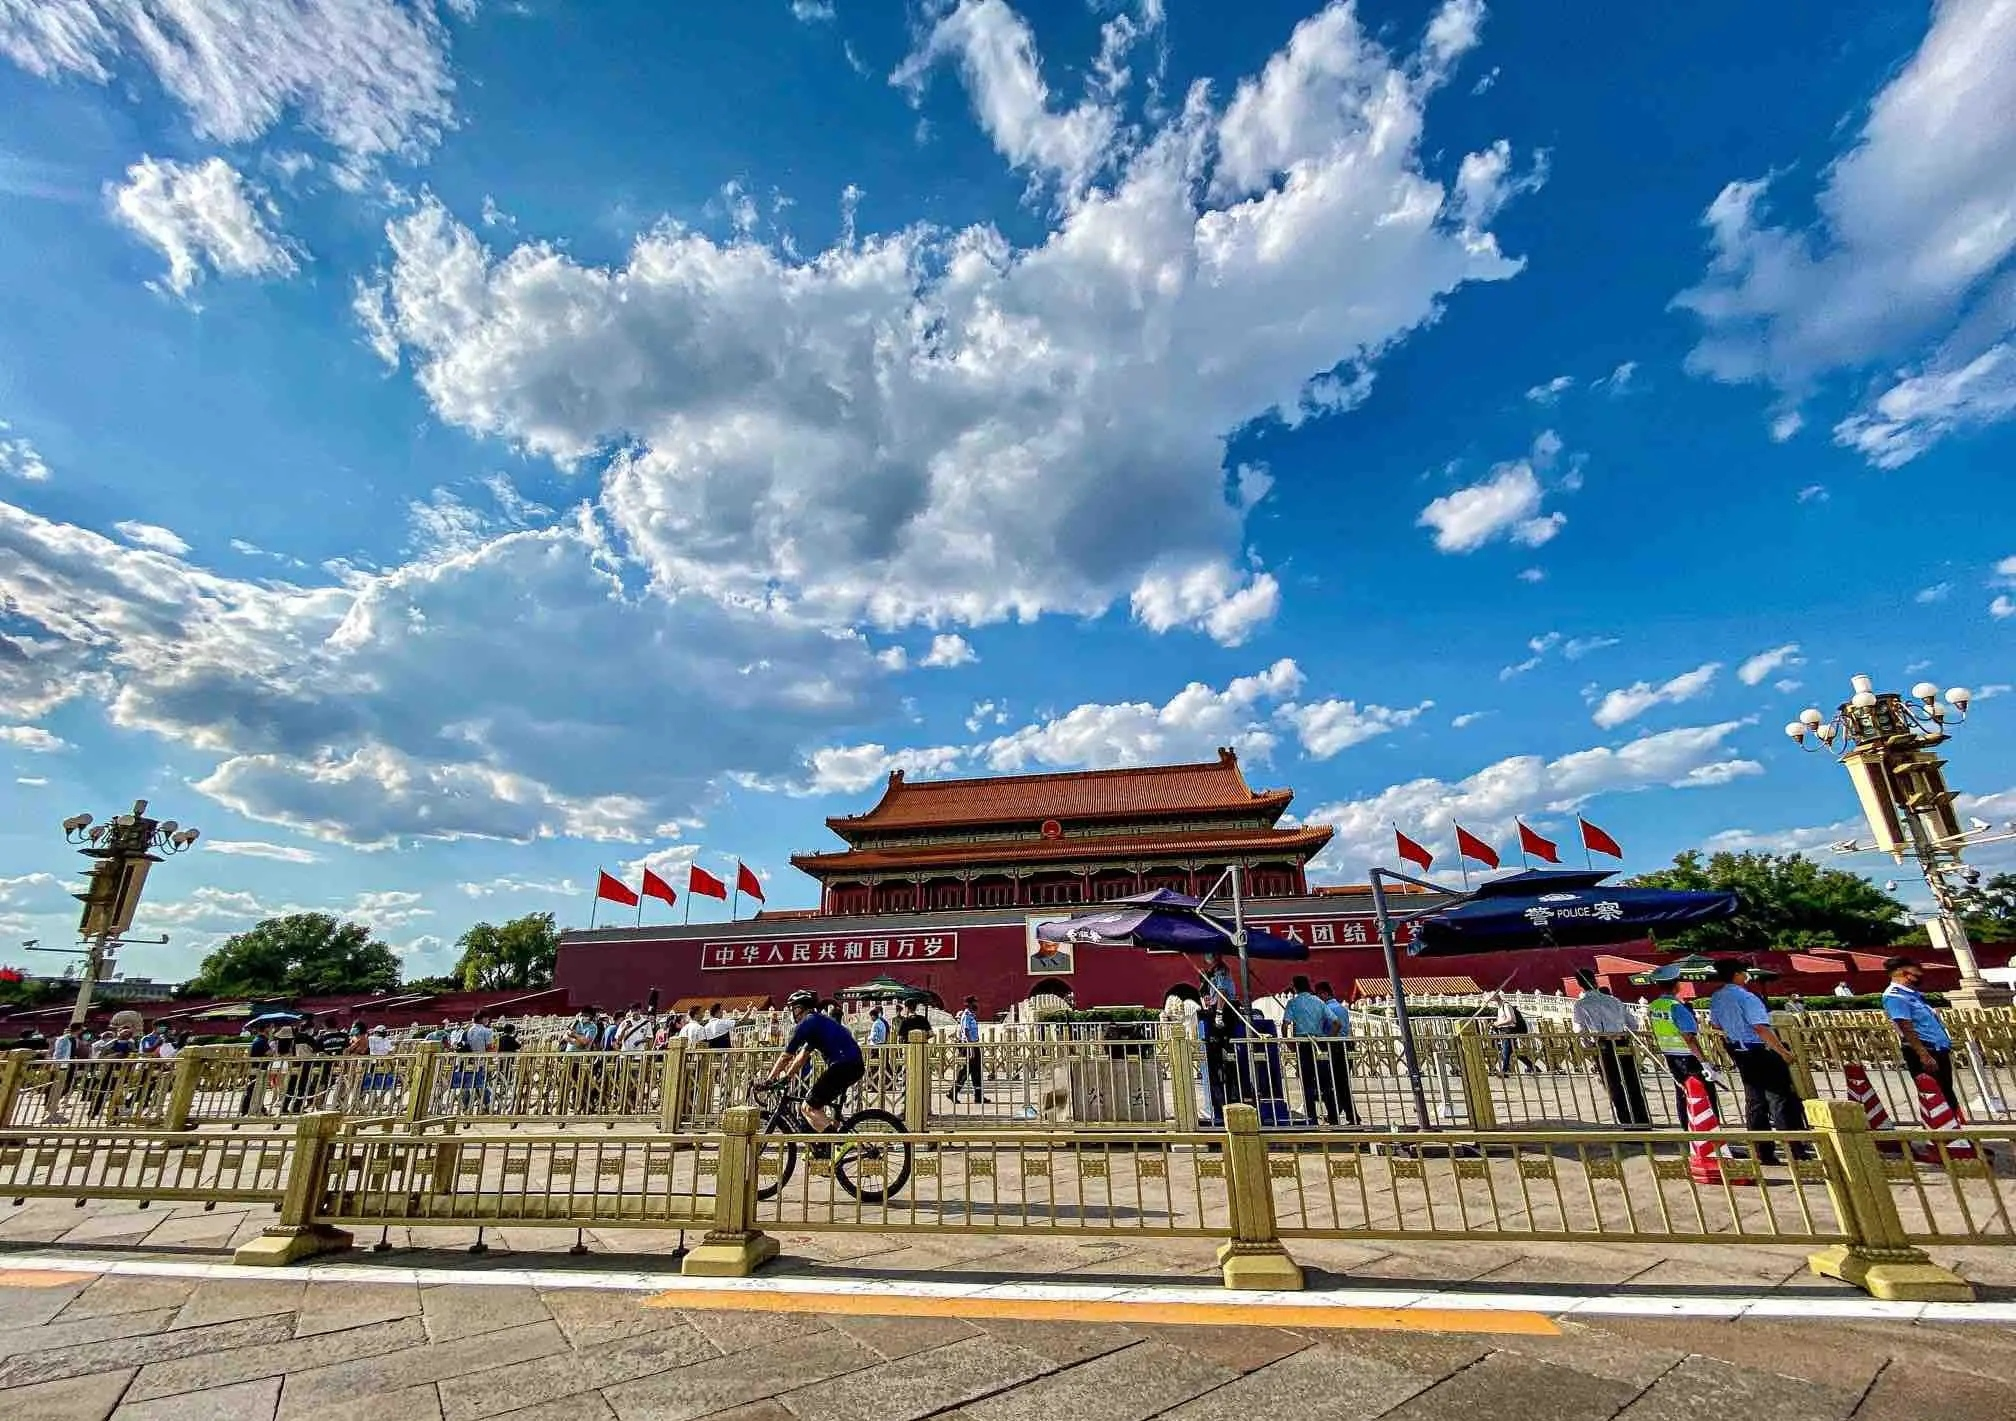 昨日的北京天安门广场,蓝天白云真的很美。